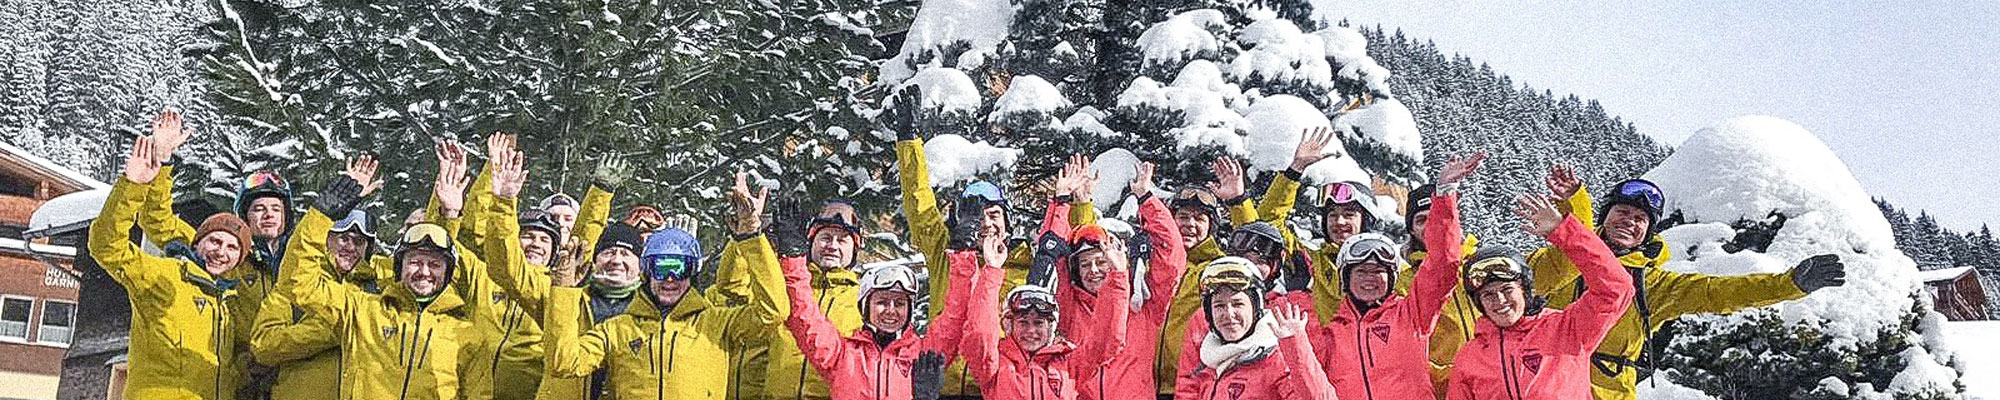 Wintersport SVN